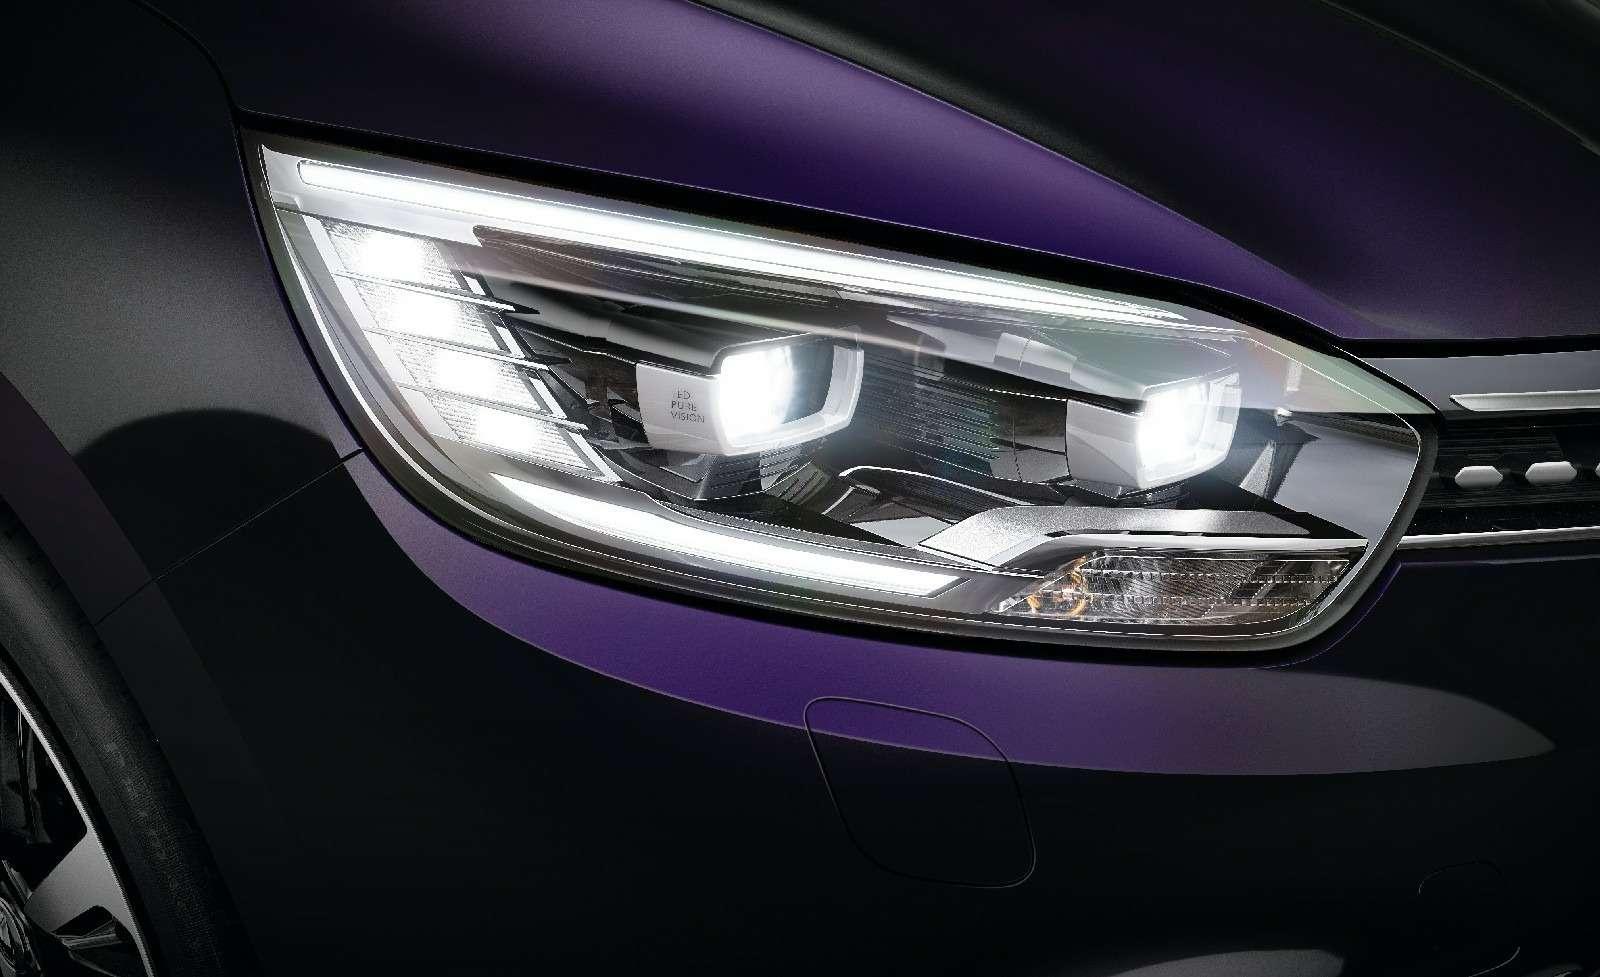 Парижский гламур: новый Renault Scenic стал еще красивее— фото 759164